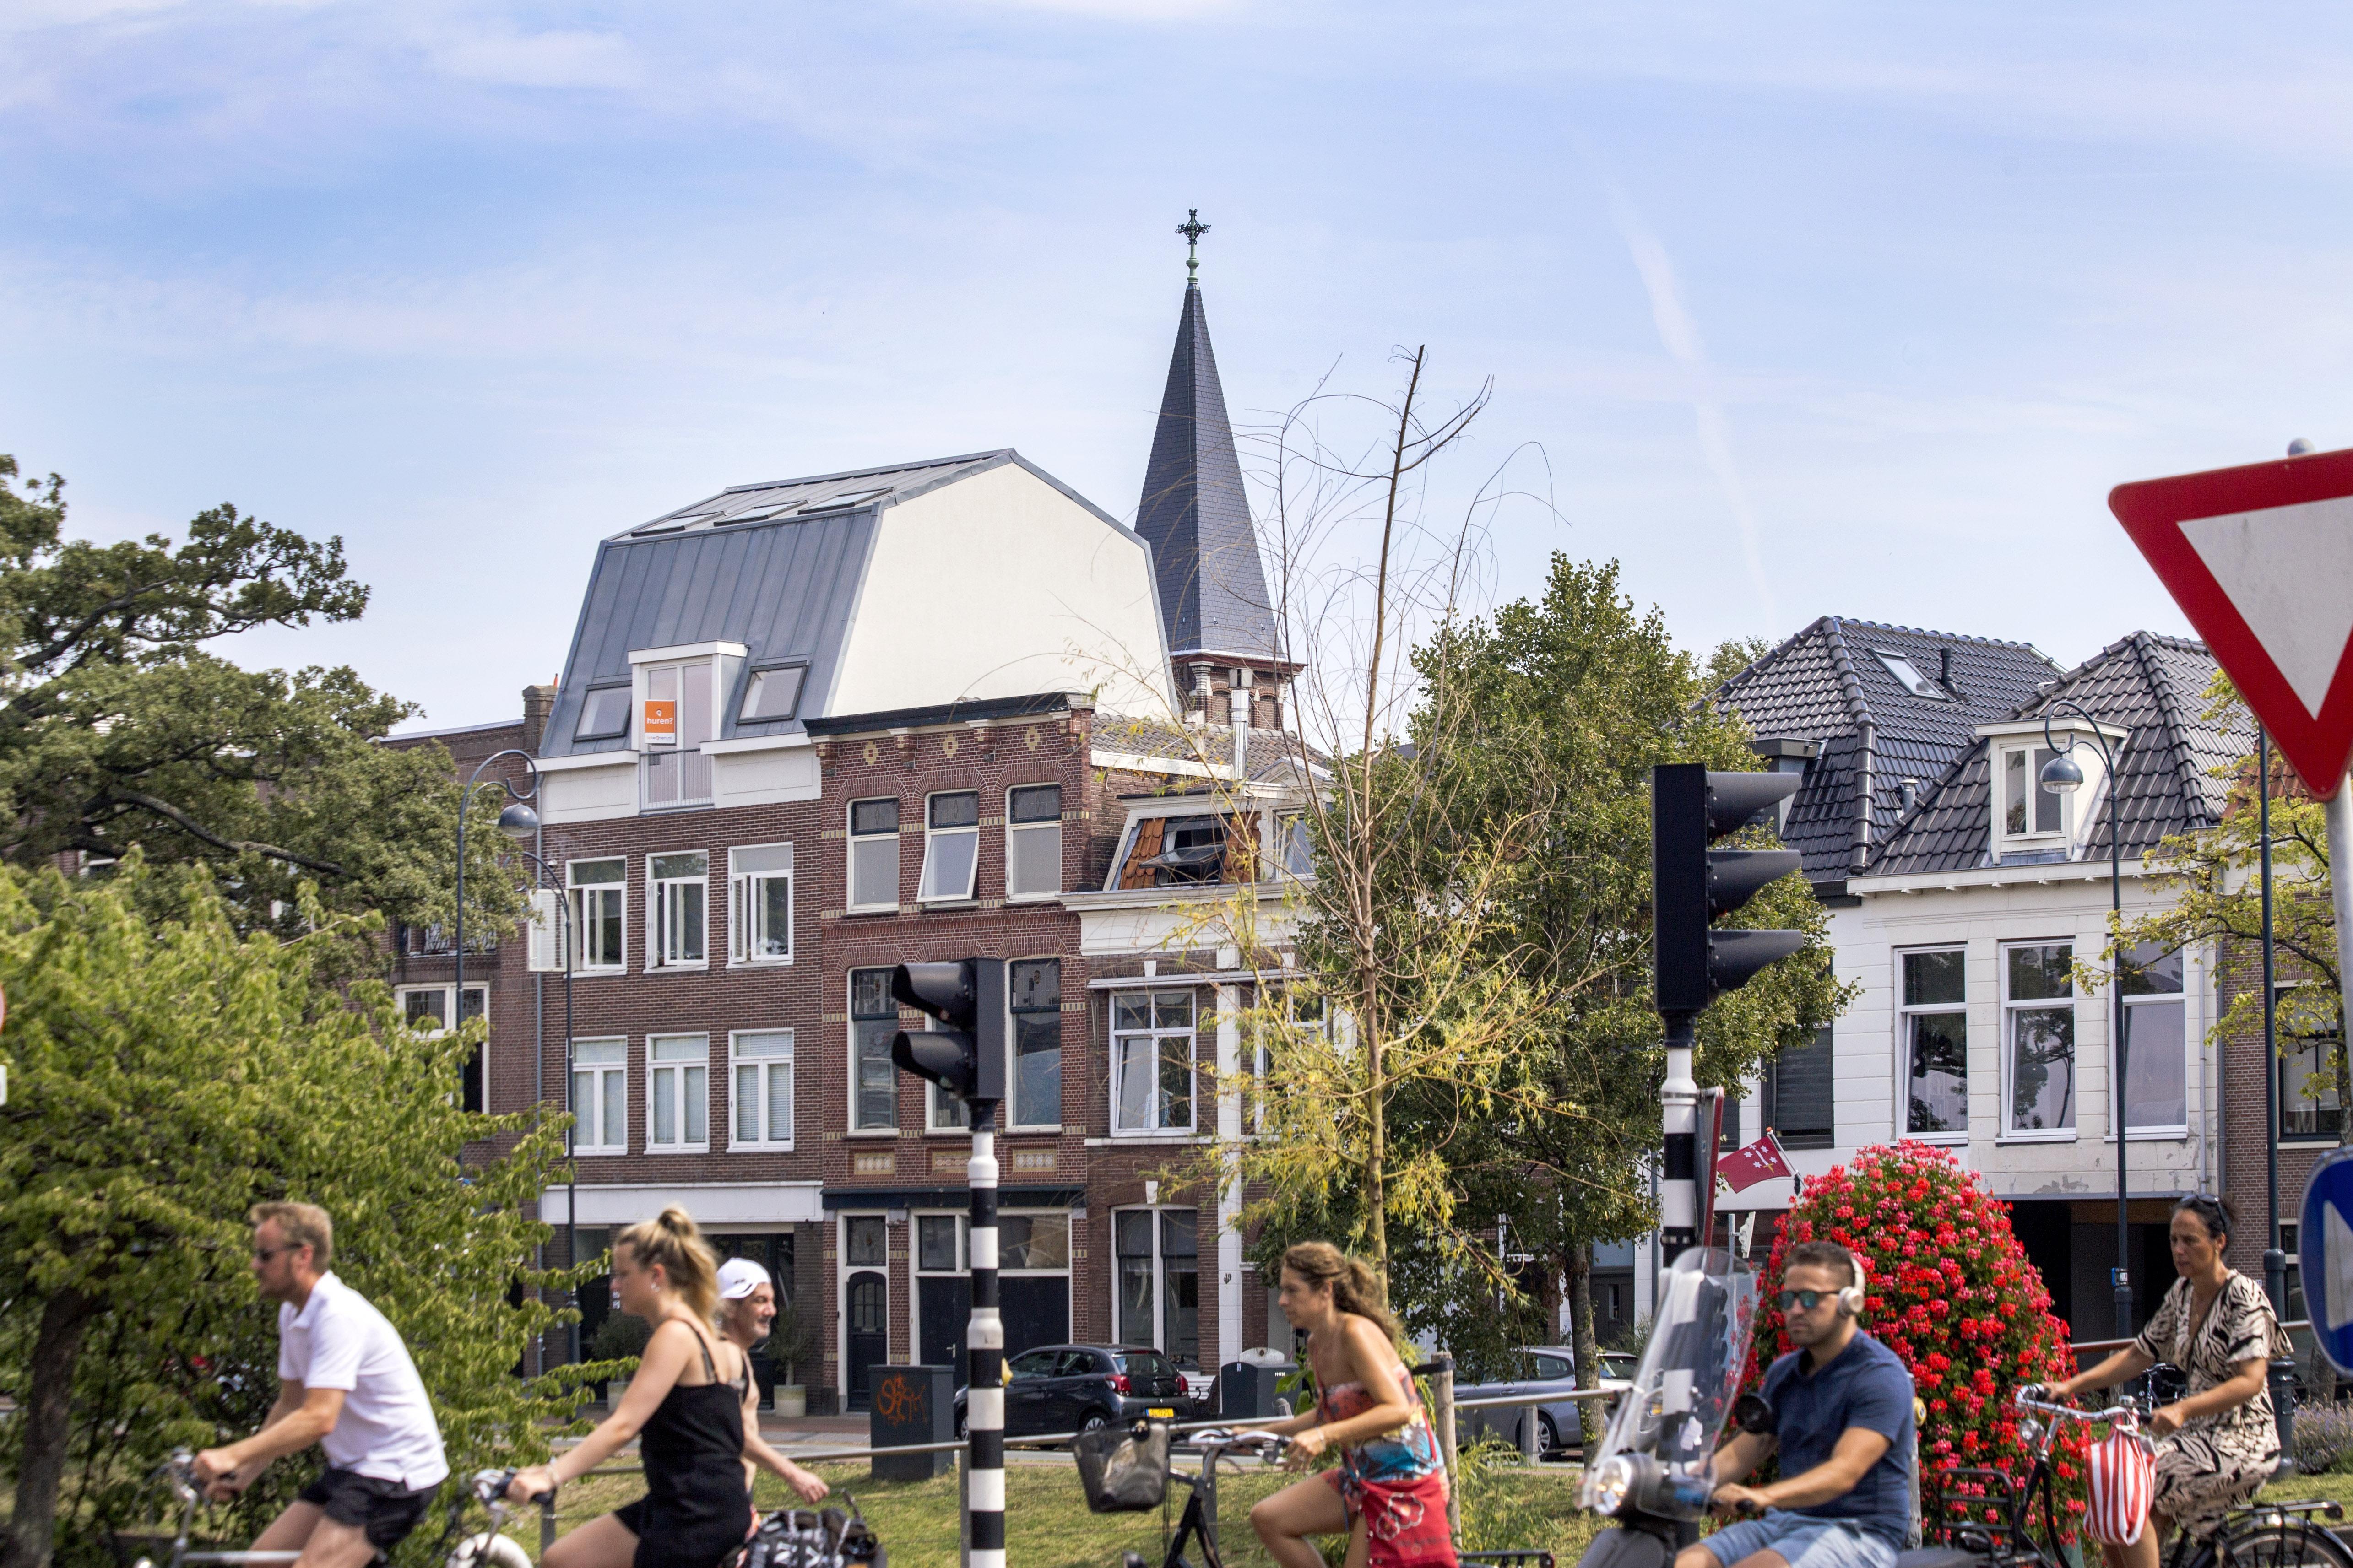 Beroering in Haarlemse hofjes: gemeente laat monumentale stad verdwijnen achter lelijke dakopbouwen